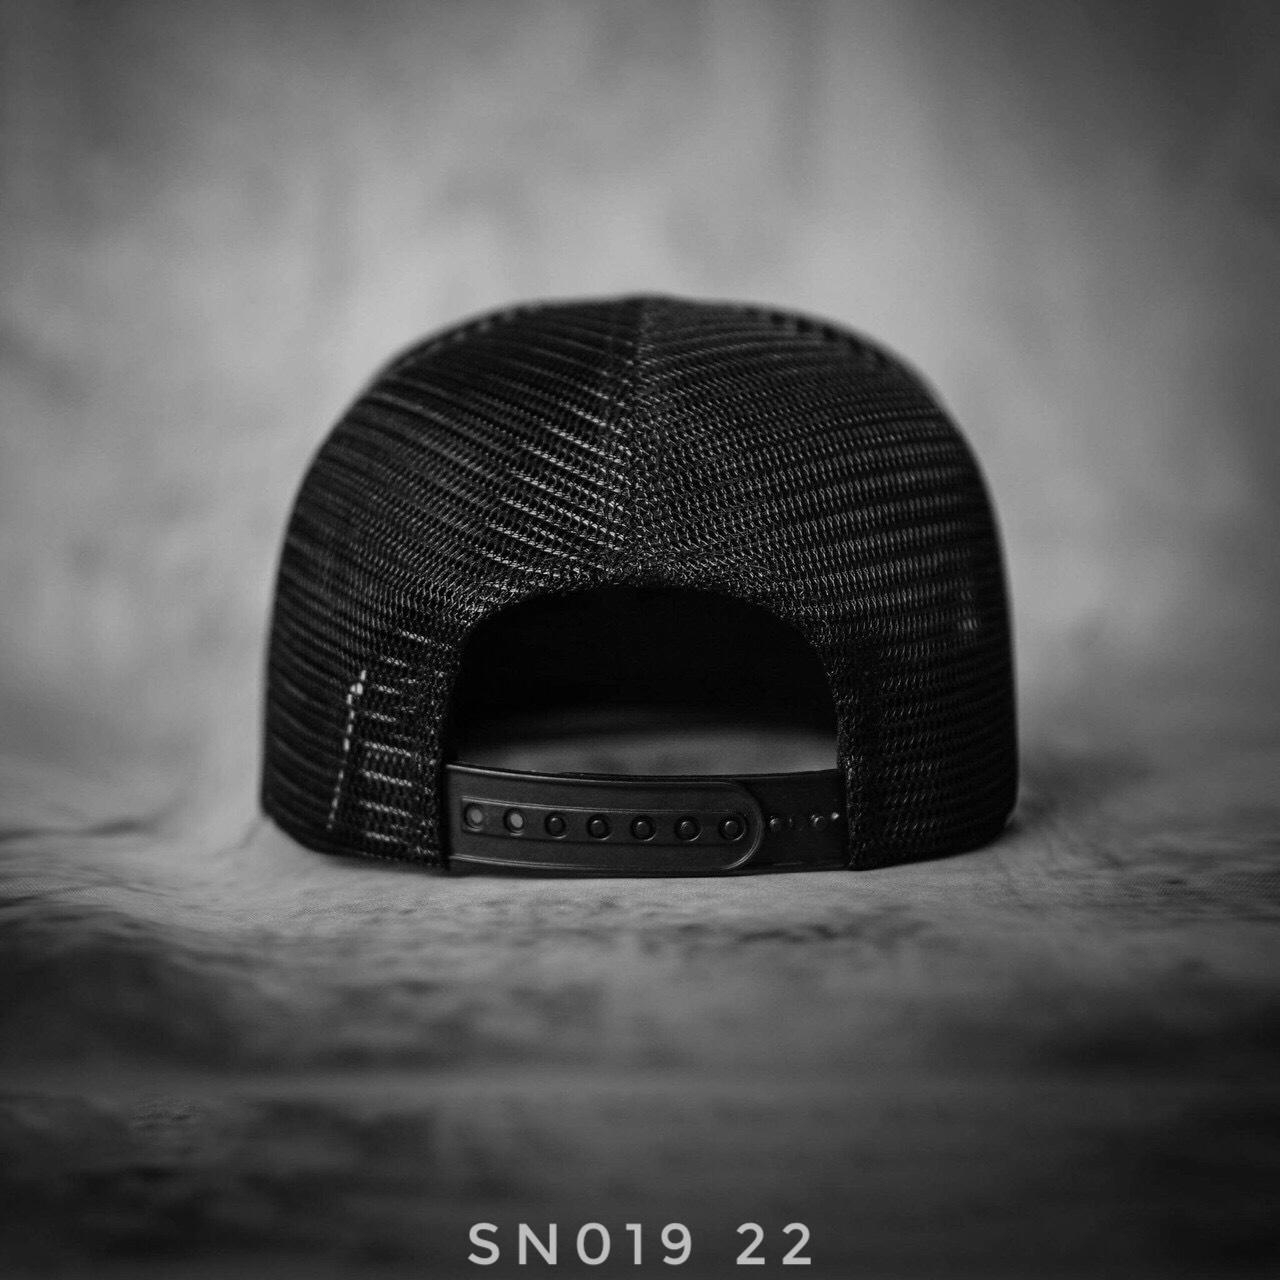 NÓN SN019